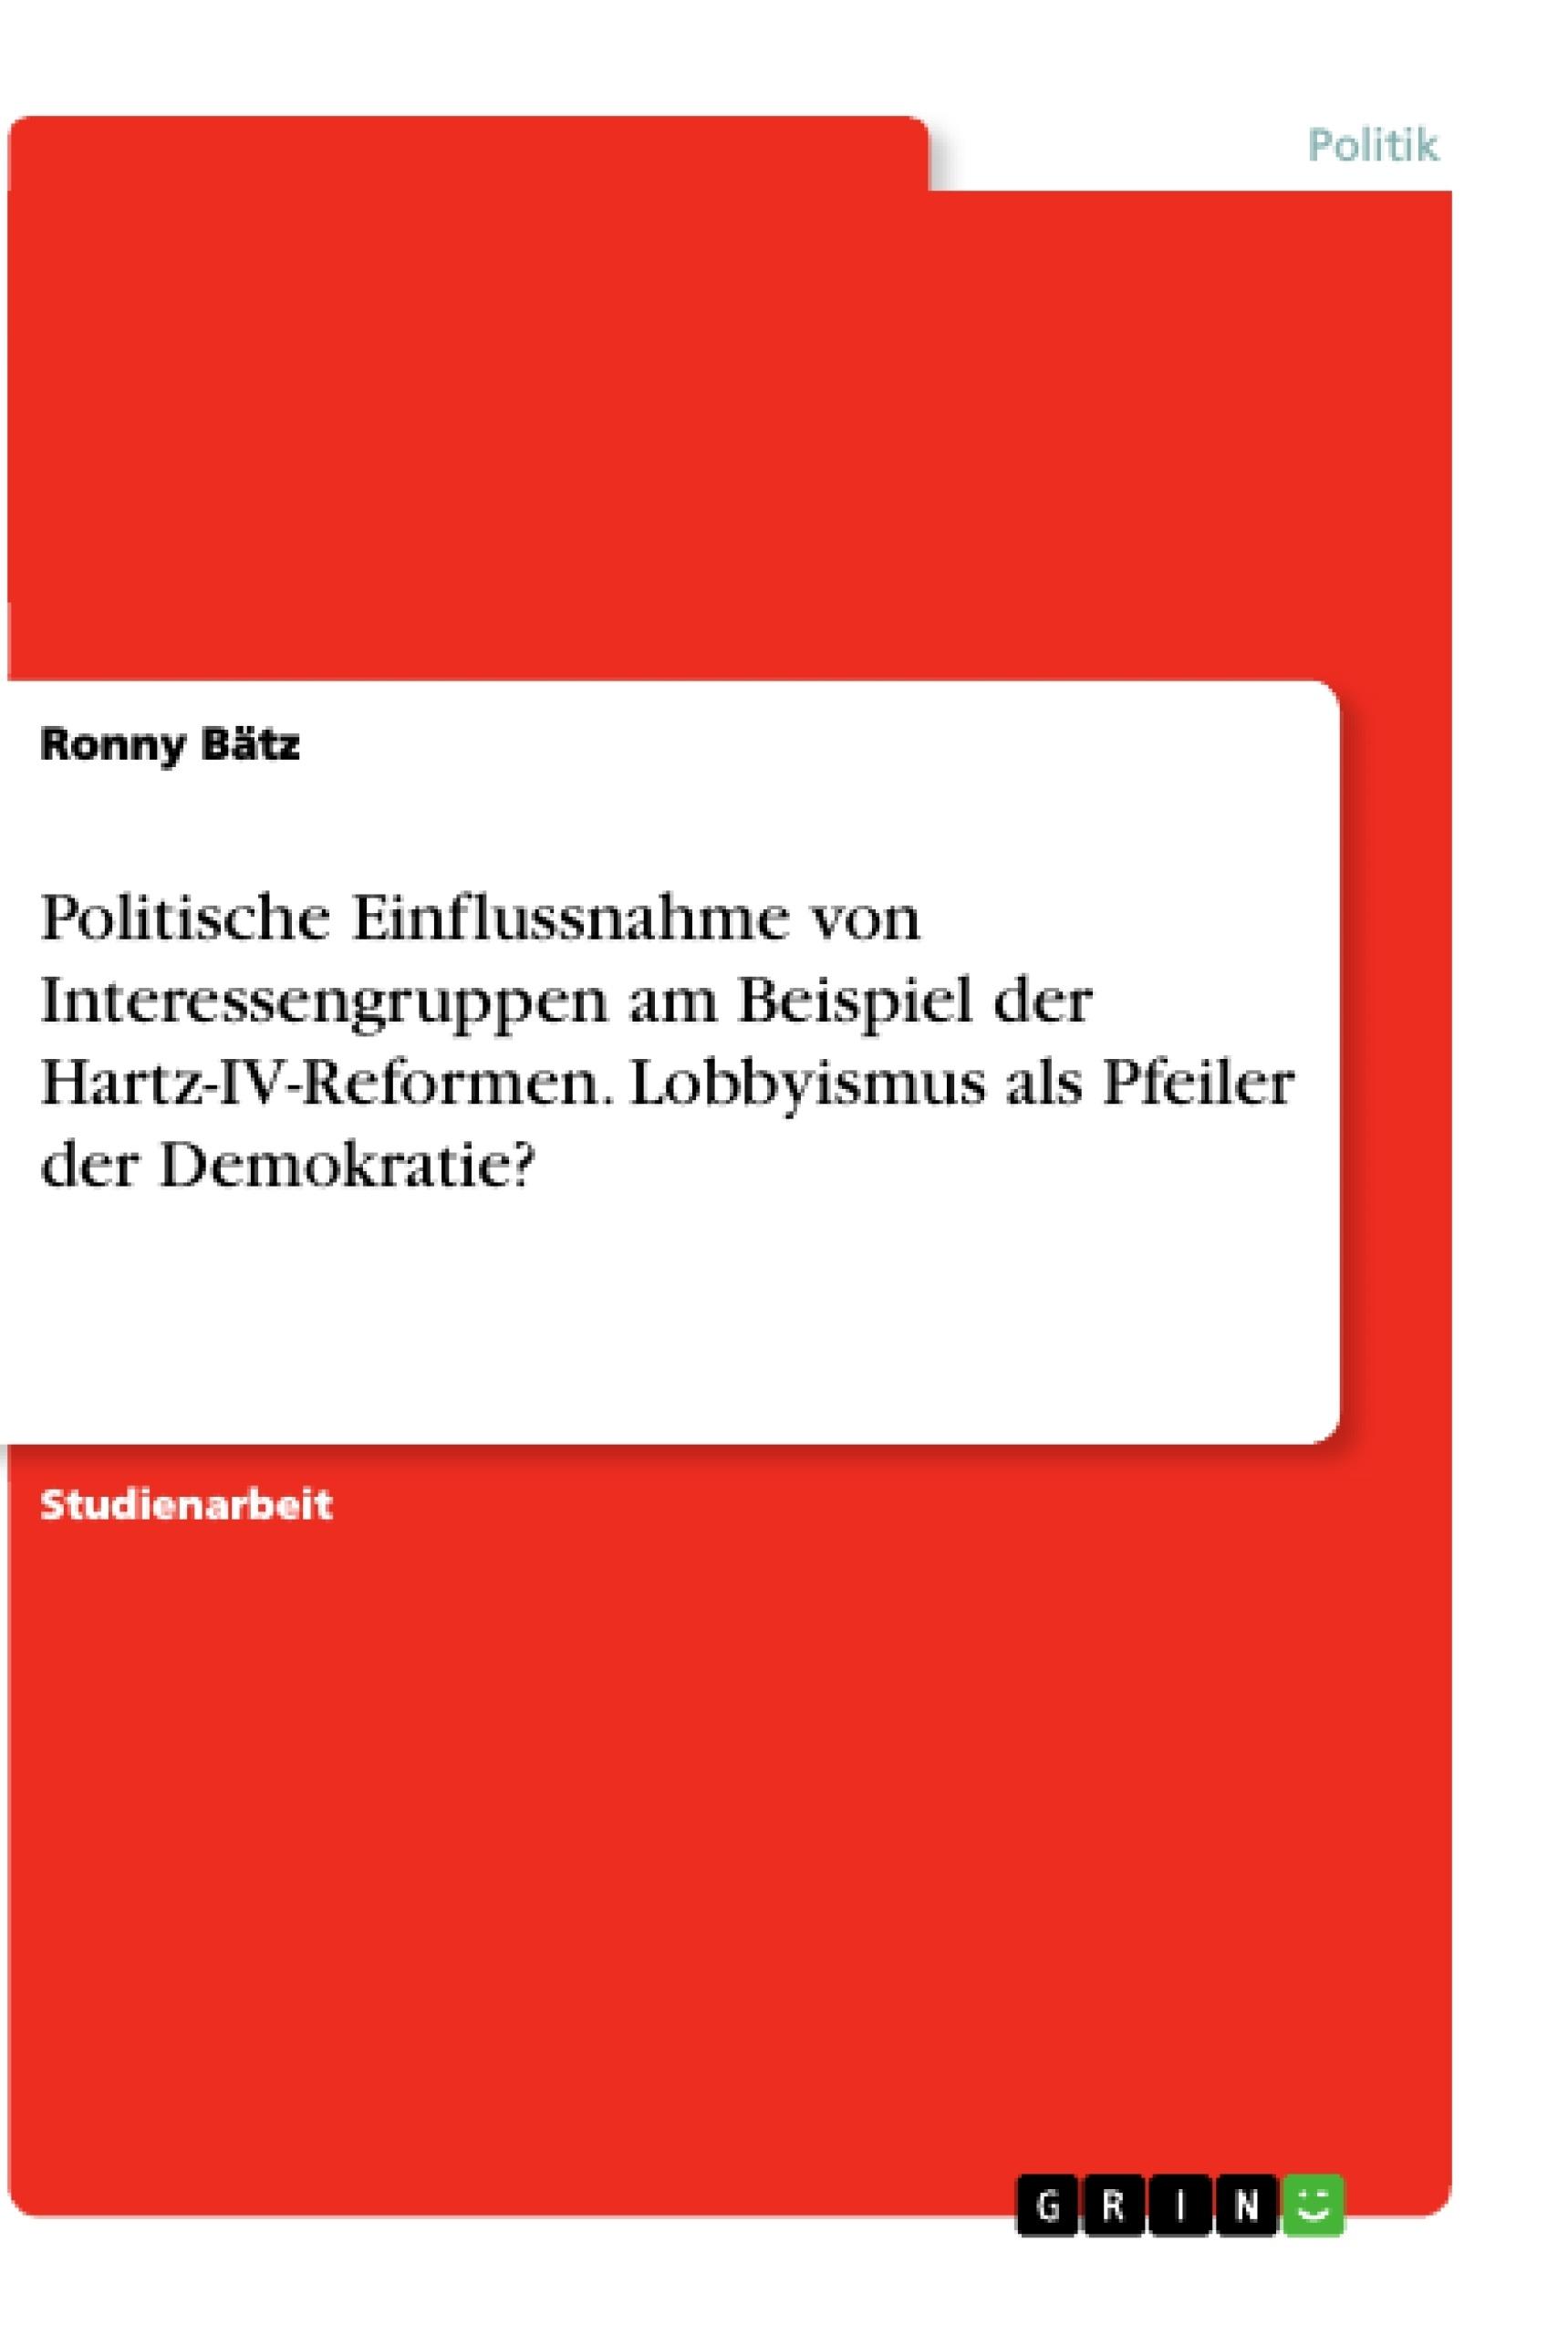 Titel: Politische Einflussnahme von Interessengruppen am Beispiel der Hartz-IV-Reformen. Lobbyismus als Pfeiler der Demokratie?